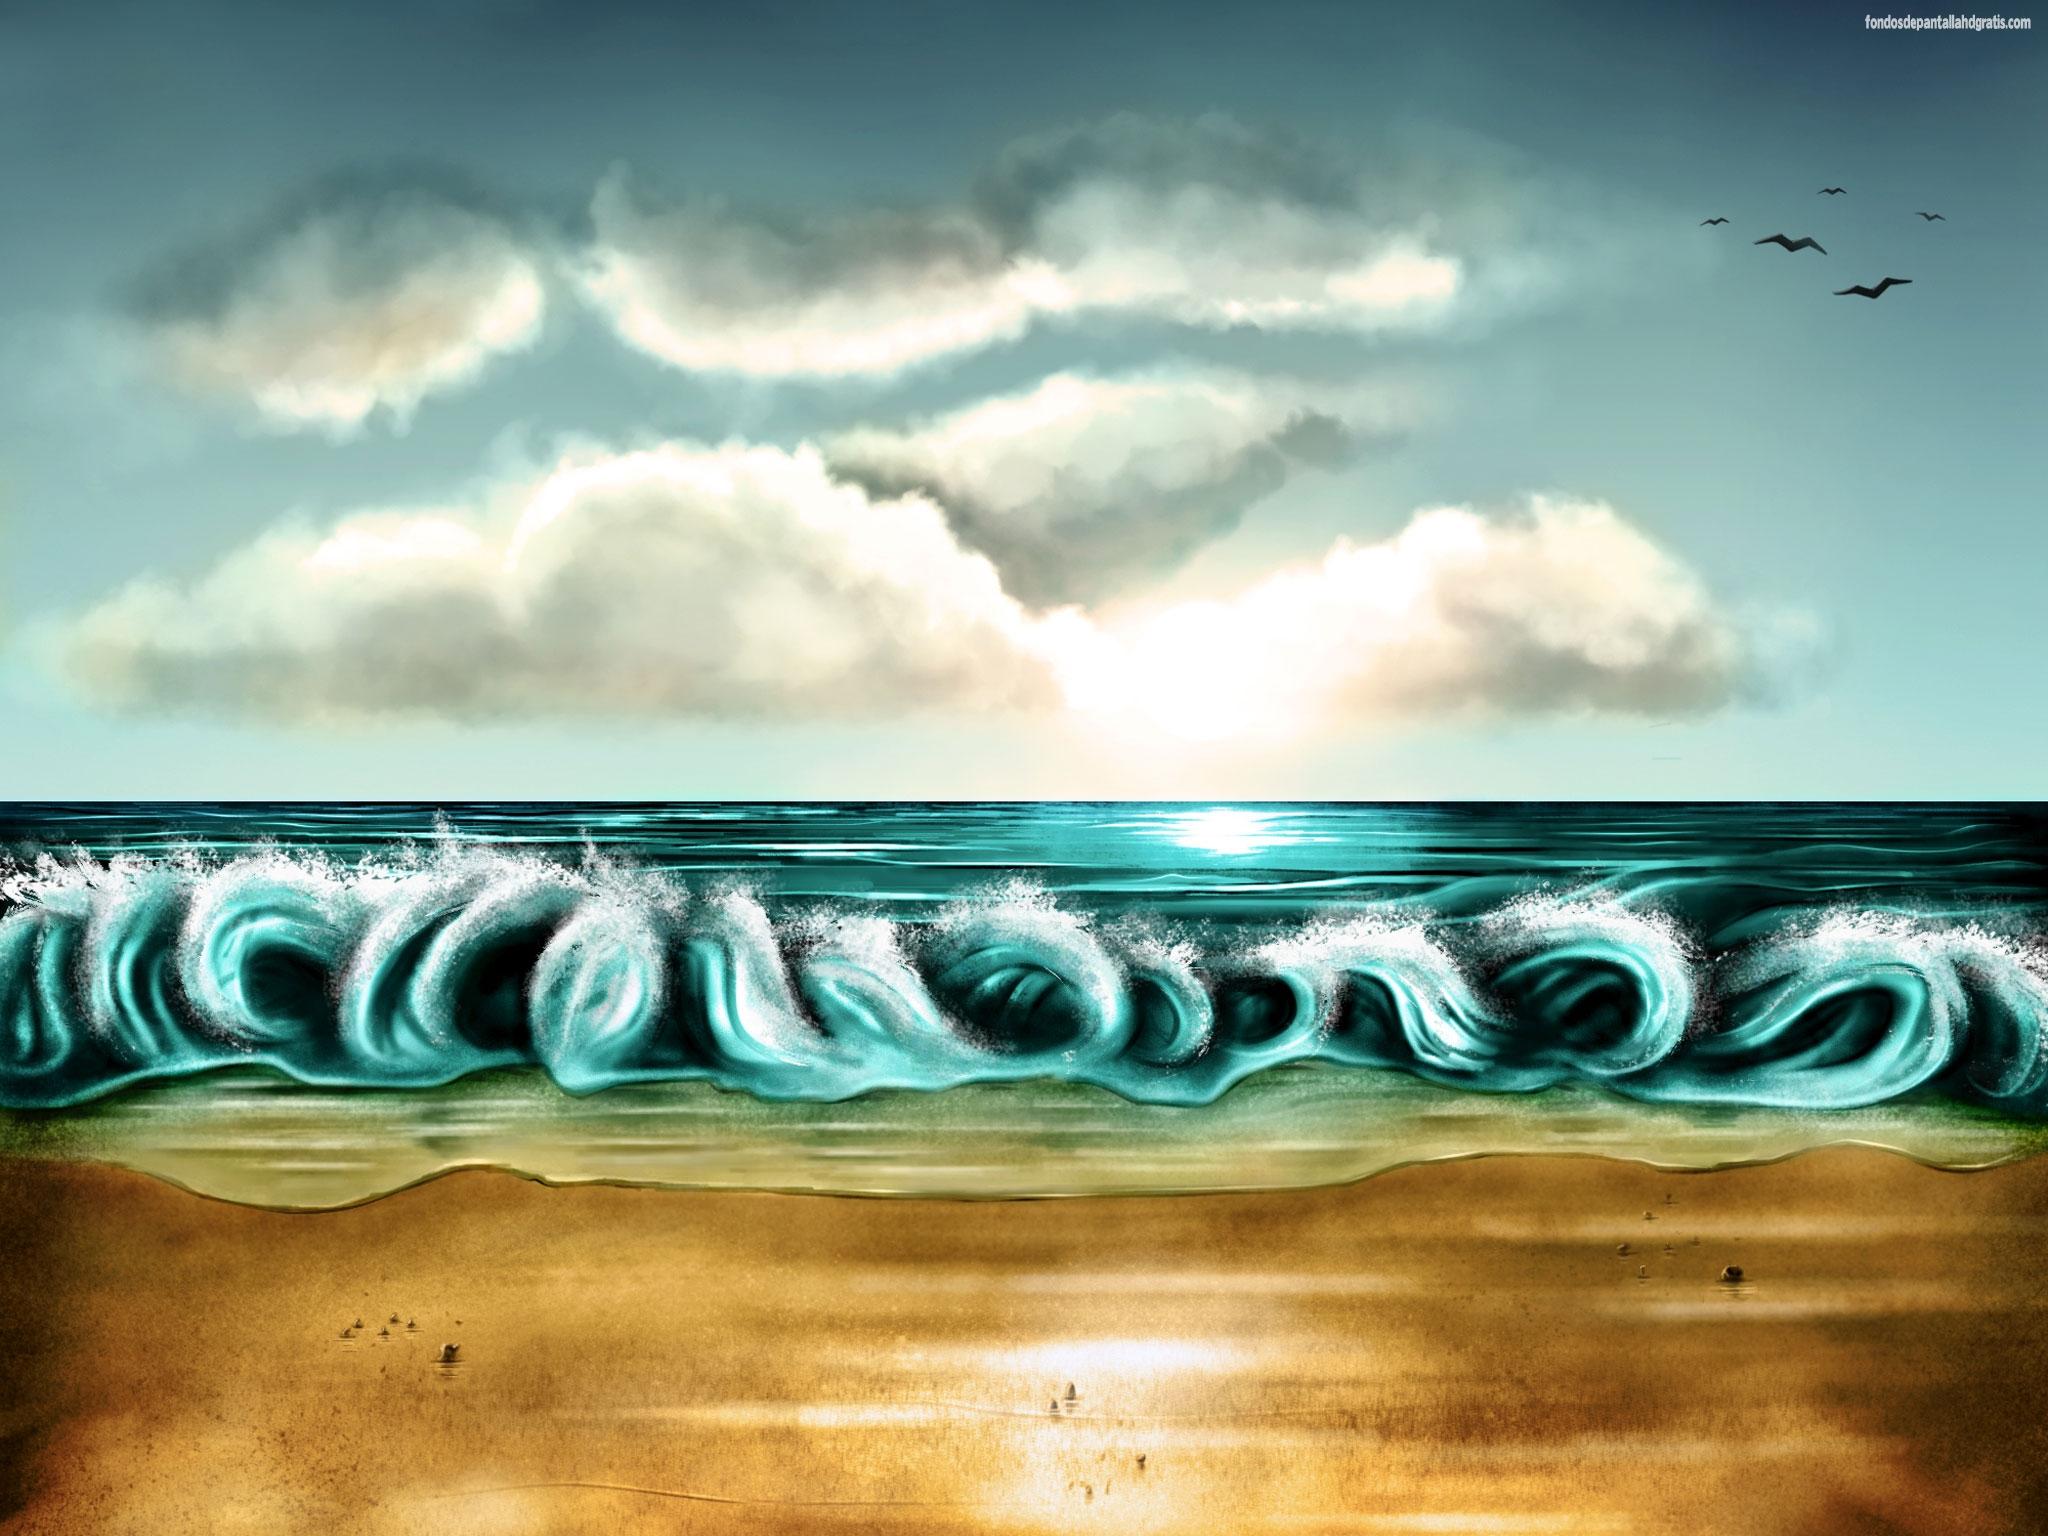 Descargar imagen animated waves and virtual birds 2048x1536 wallpaper 2048x1536